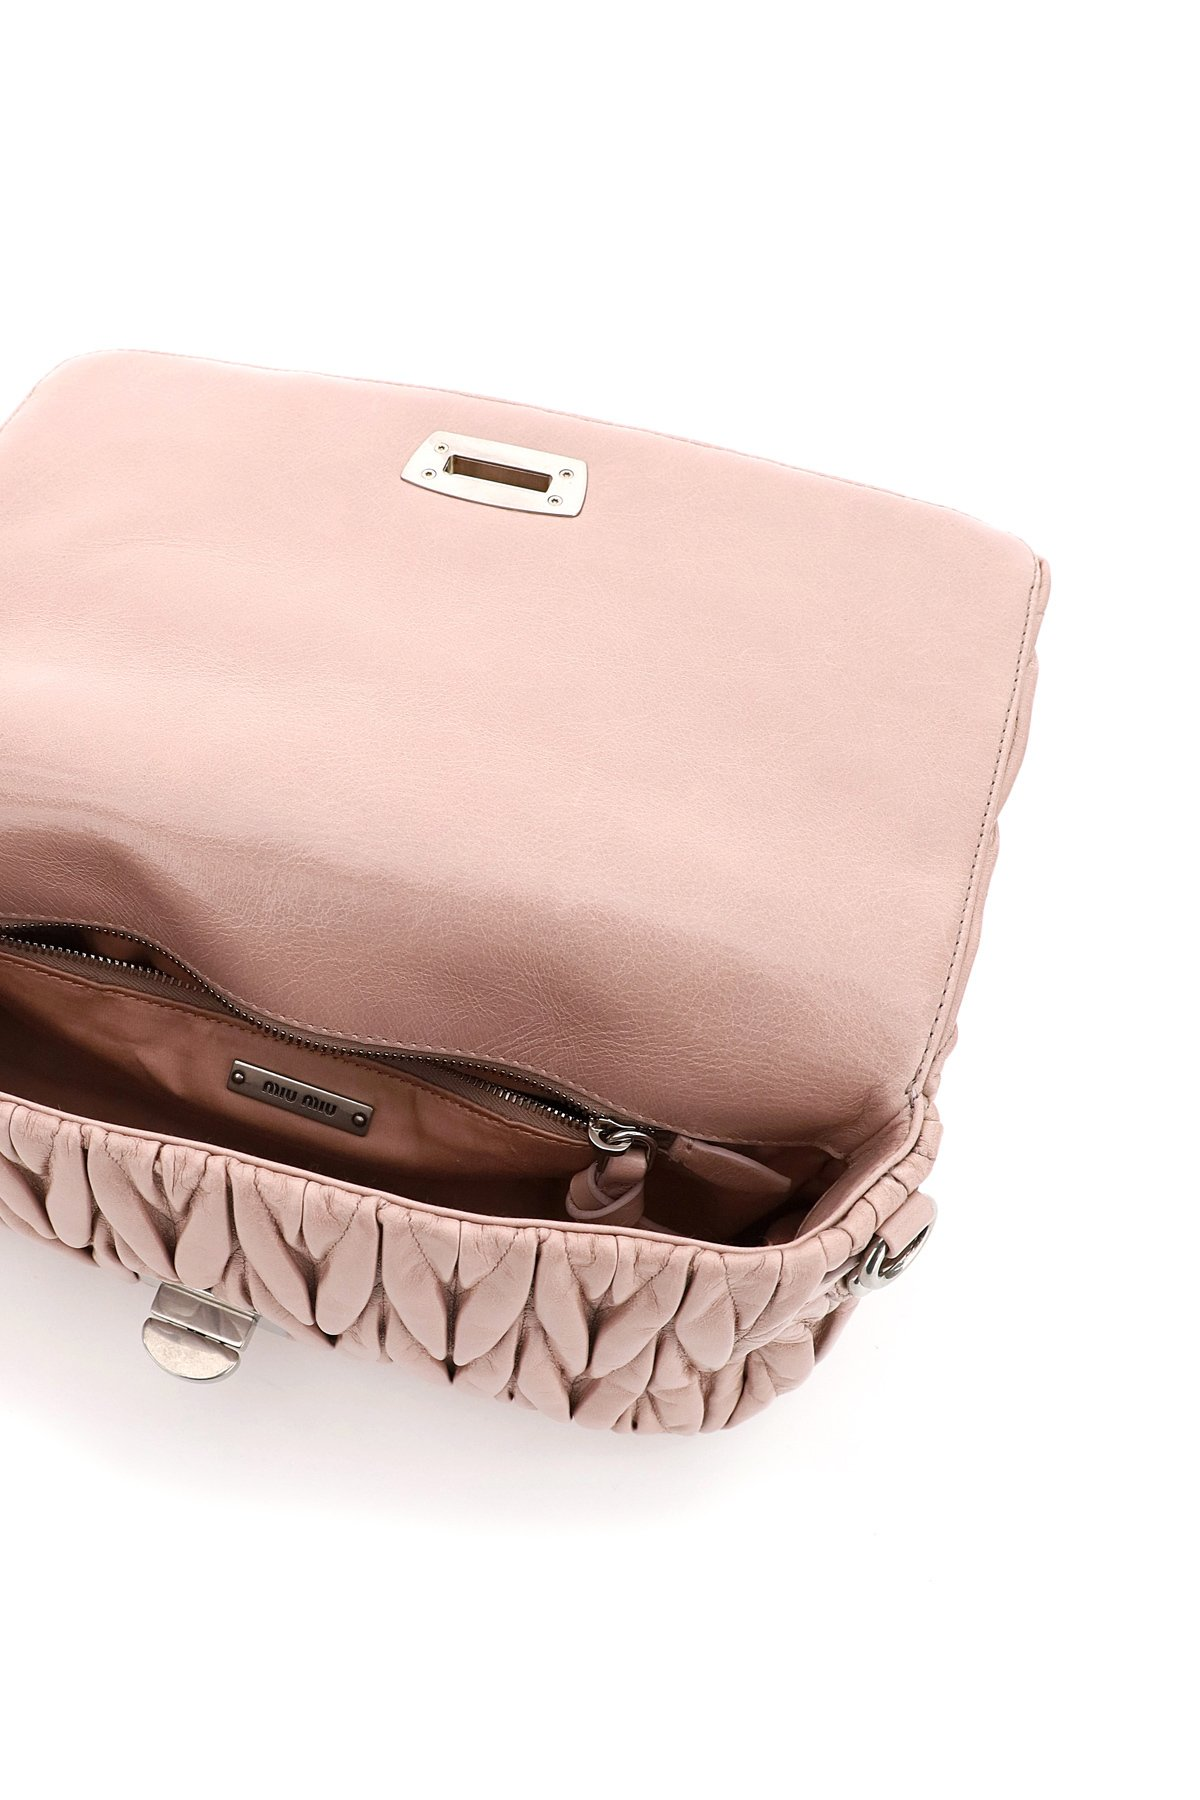 Miu miu borsa matelassé tracolla con pouch